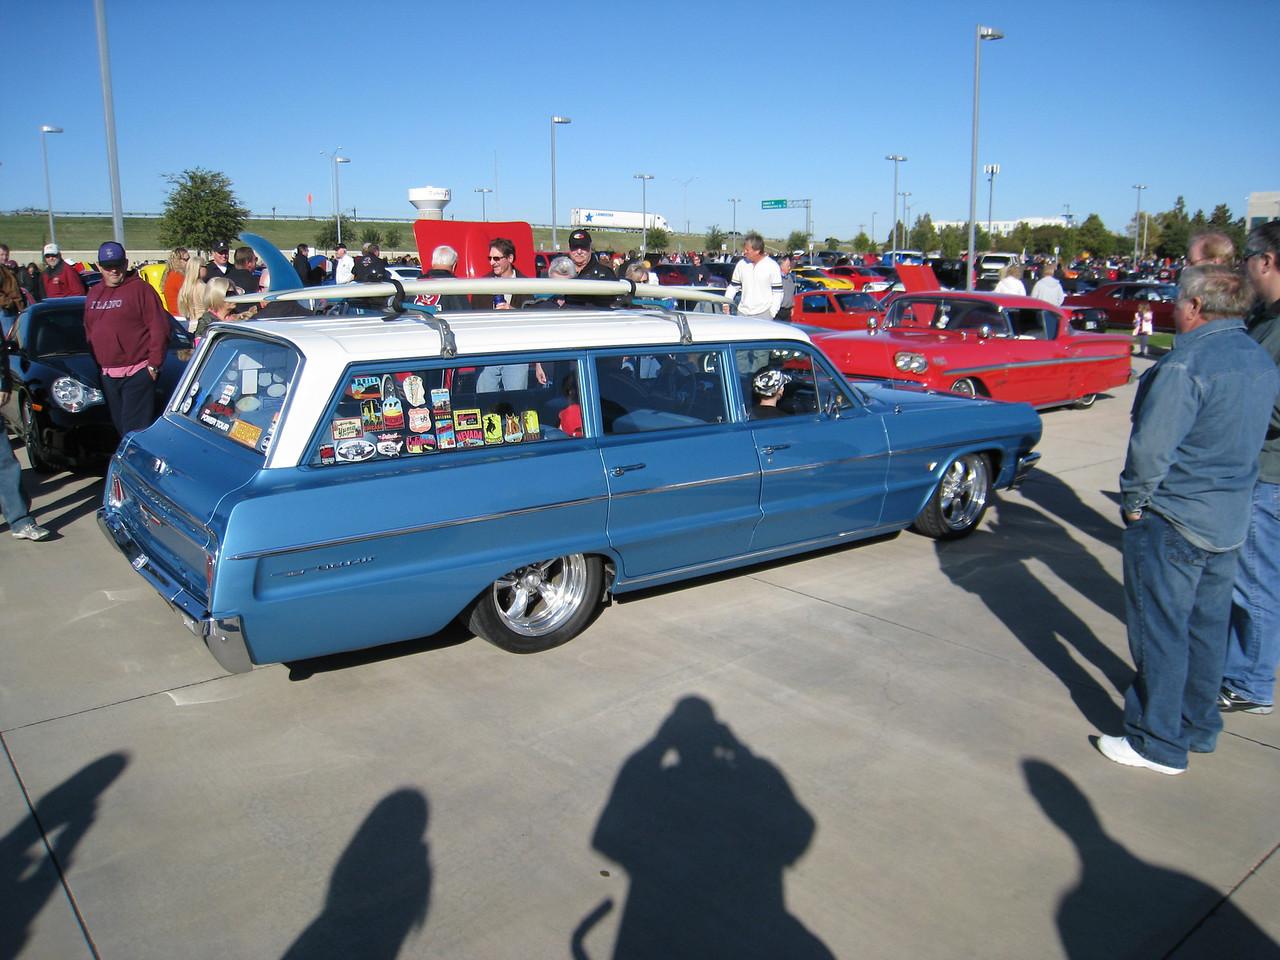 Surfin' wagon